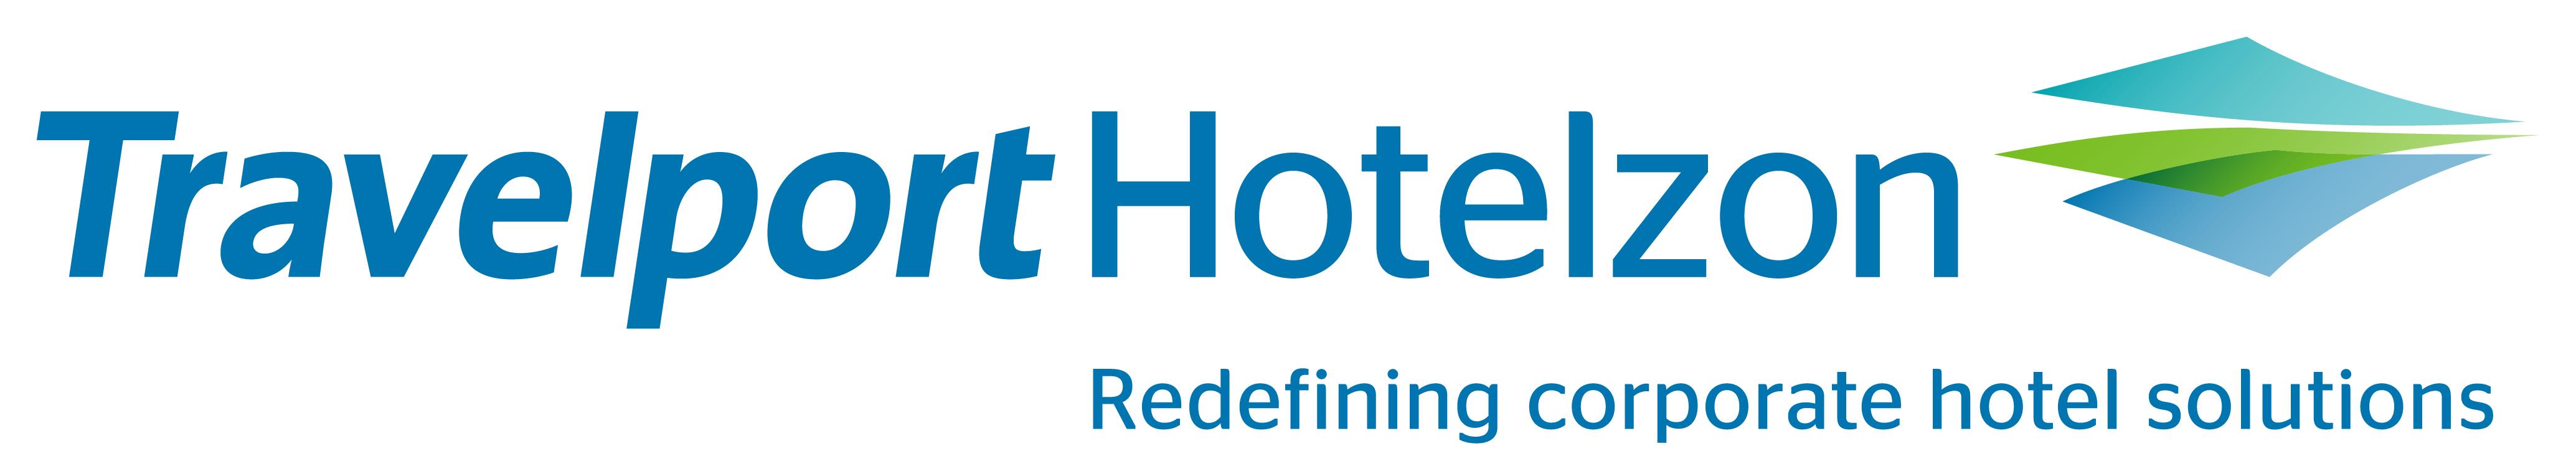 TRP_hotelzon_LOGO_Horizontal_RGB_crop_HR